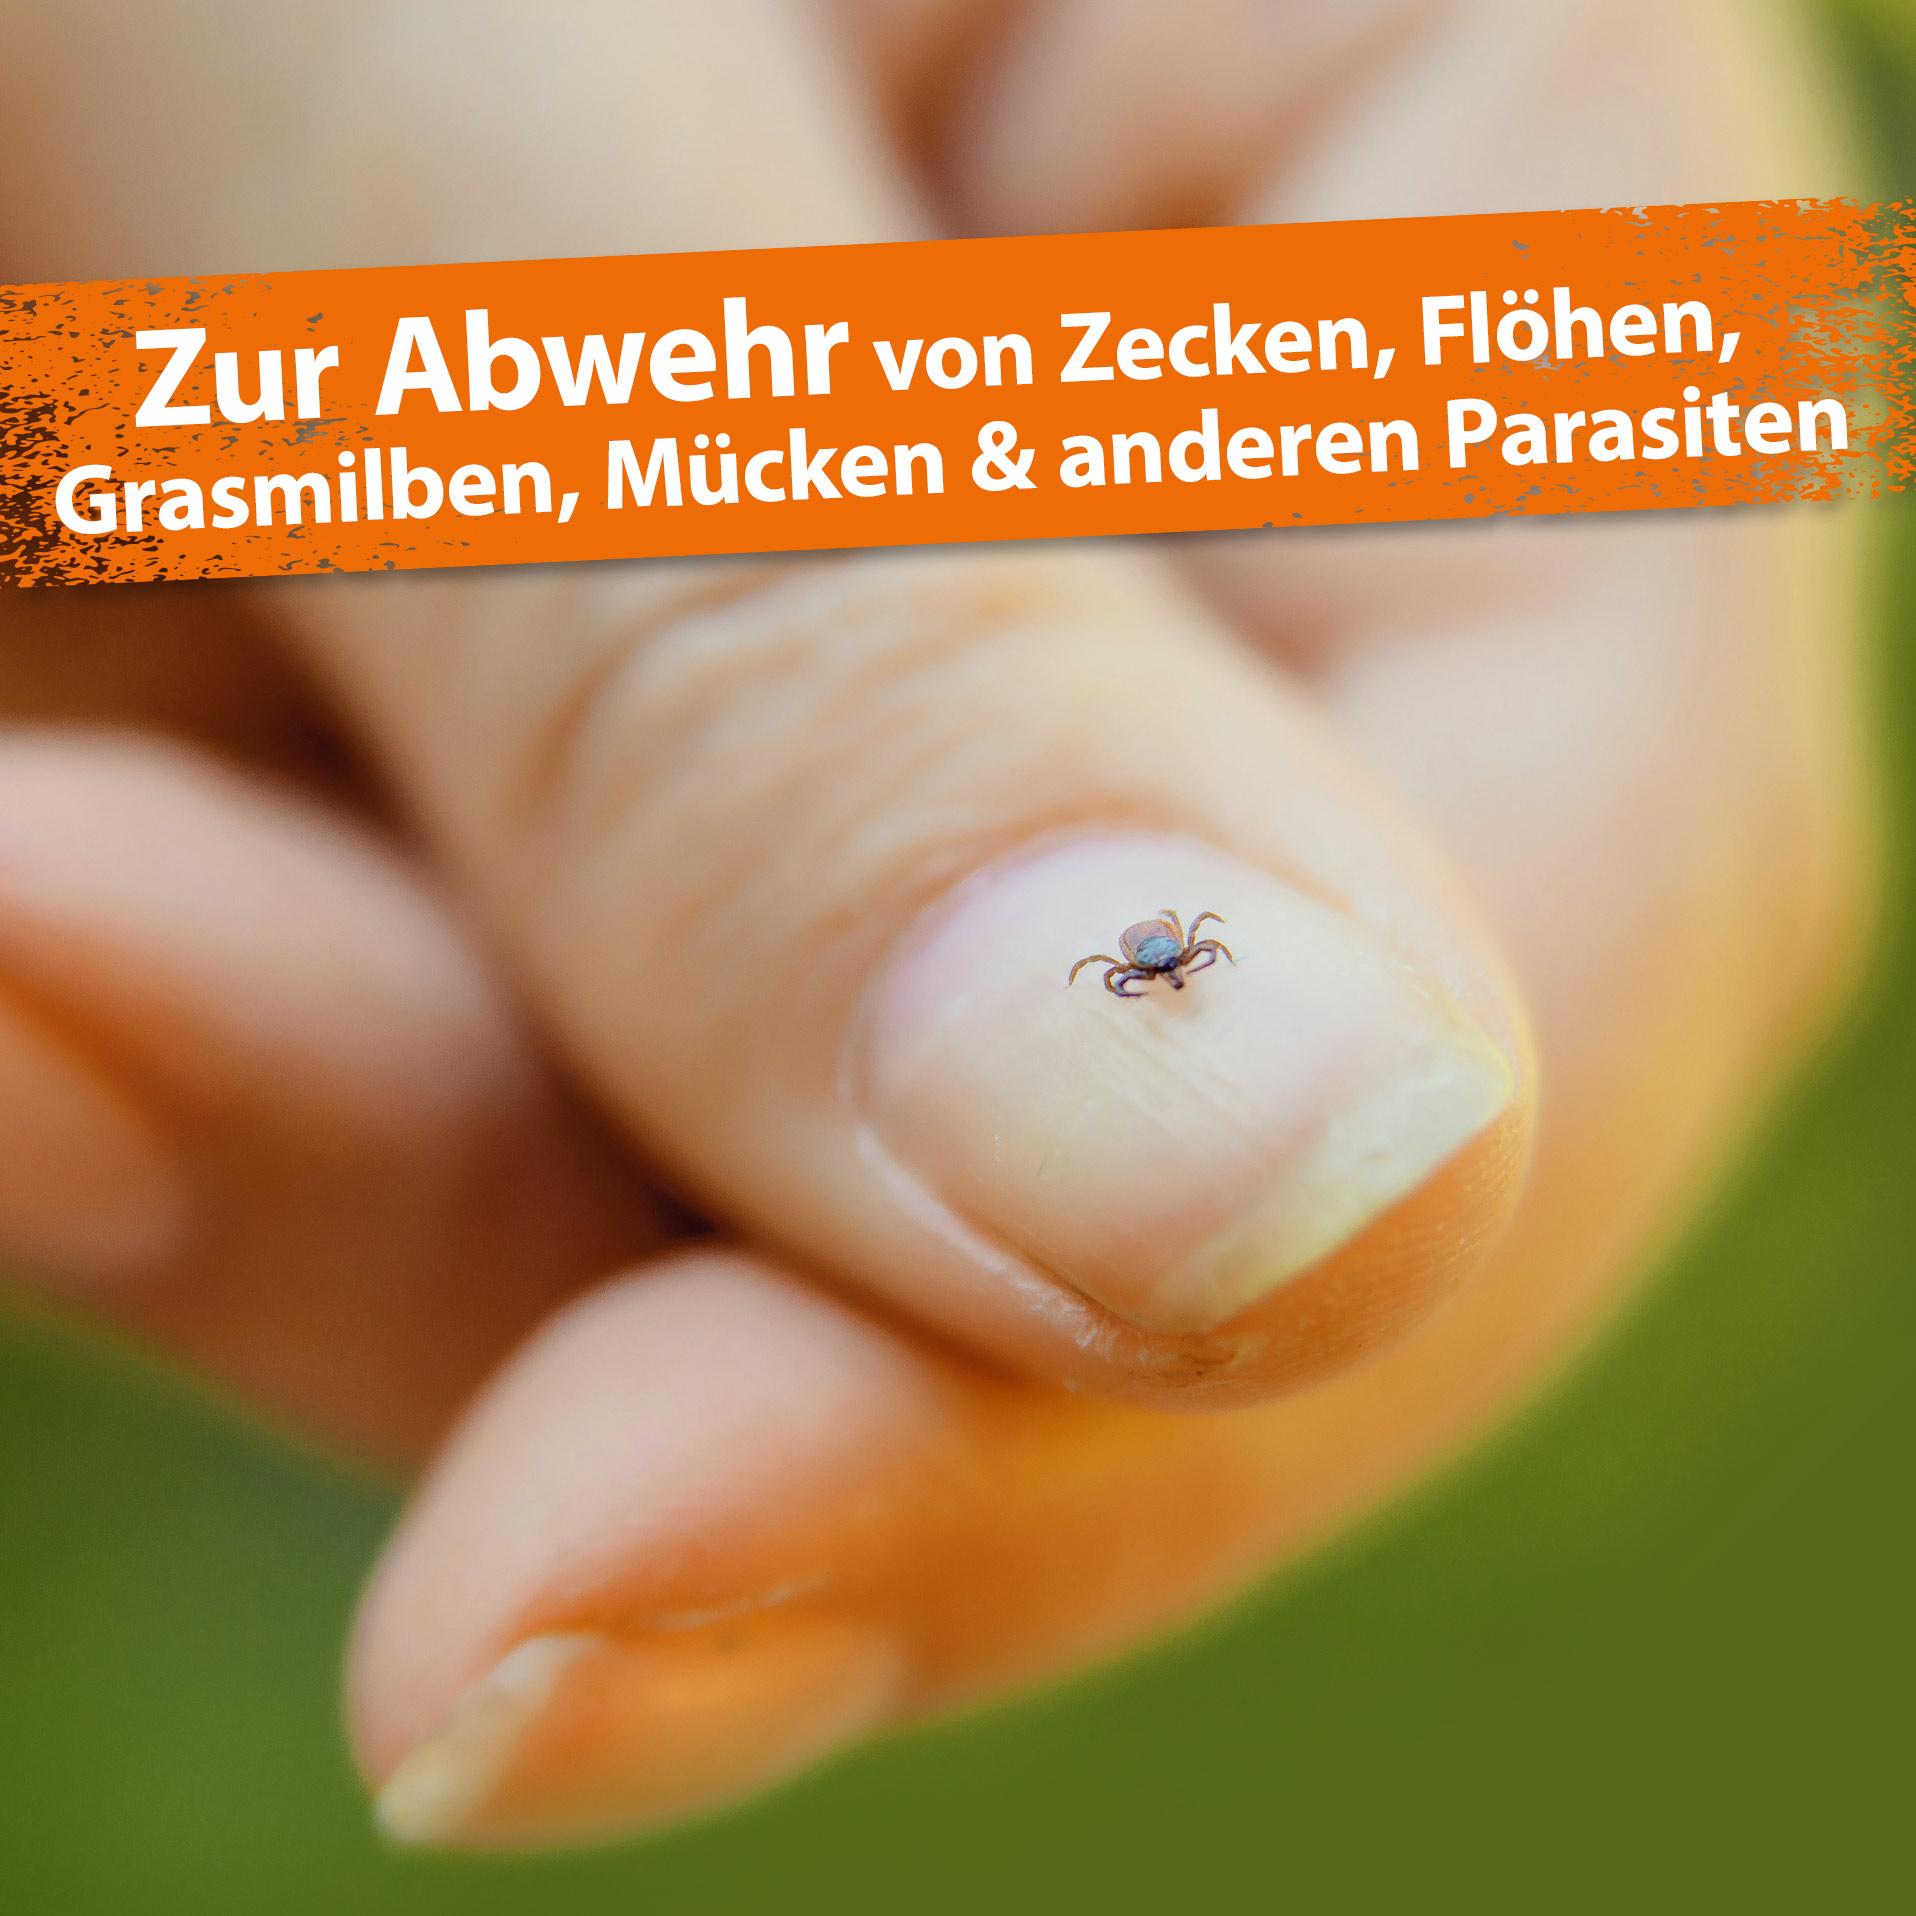 Zeckenfrei - Zeckenspray - Geraniol & Nelkenblätteröl zum Insektenschutz - 500 ml